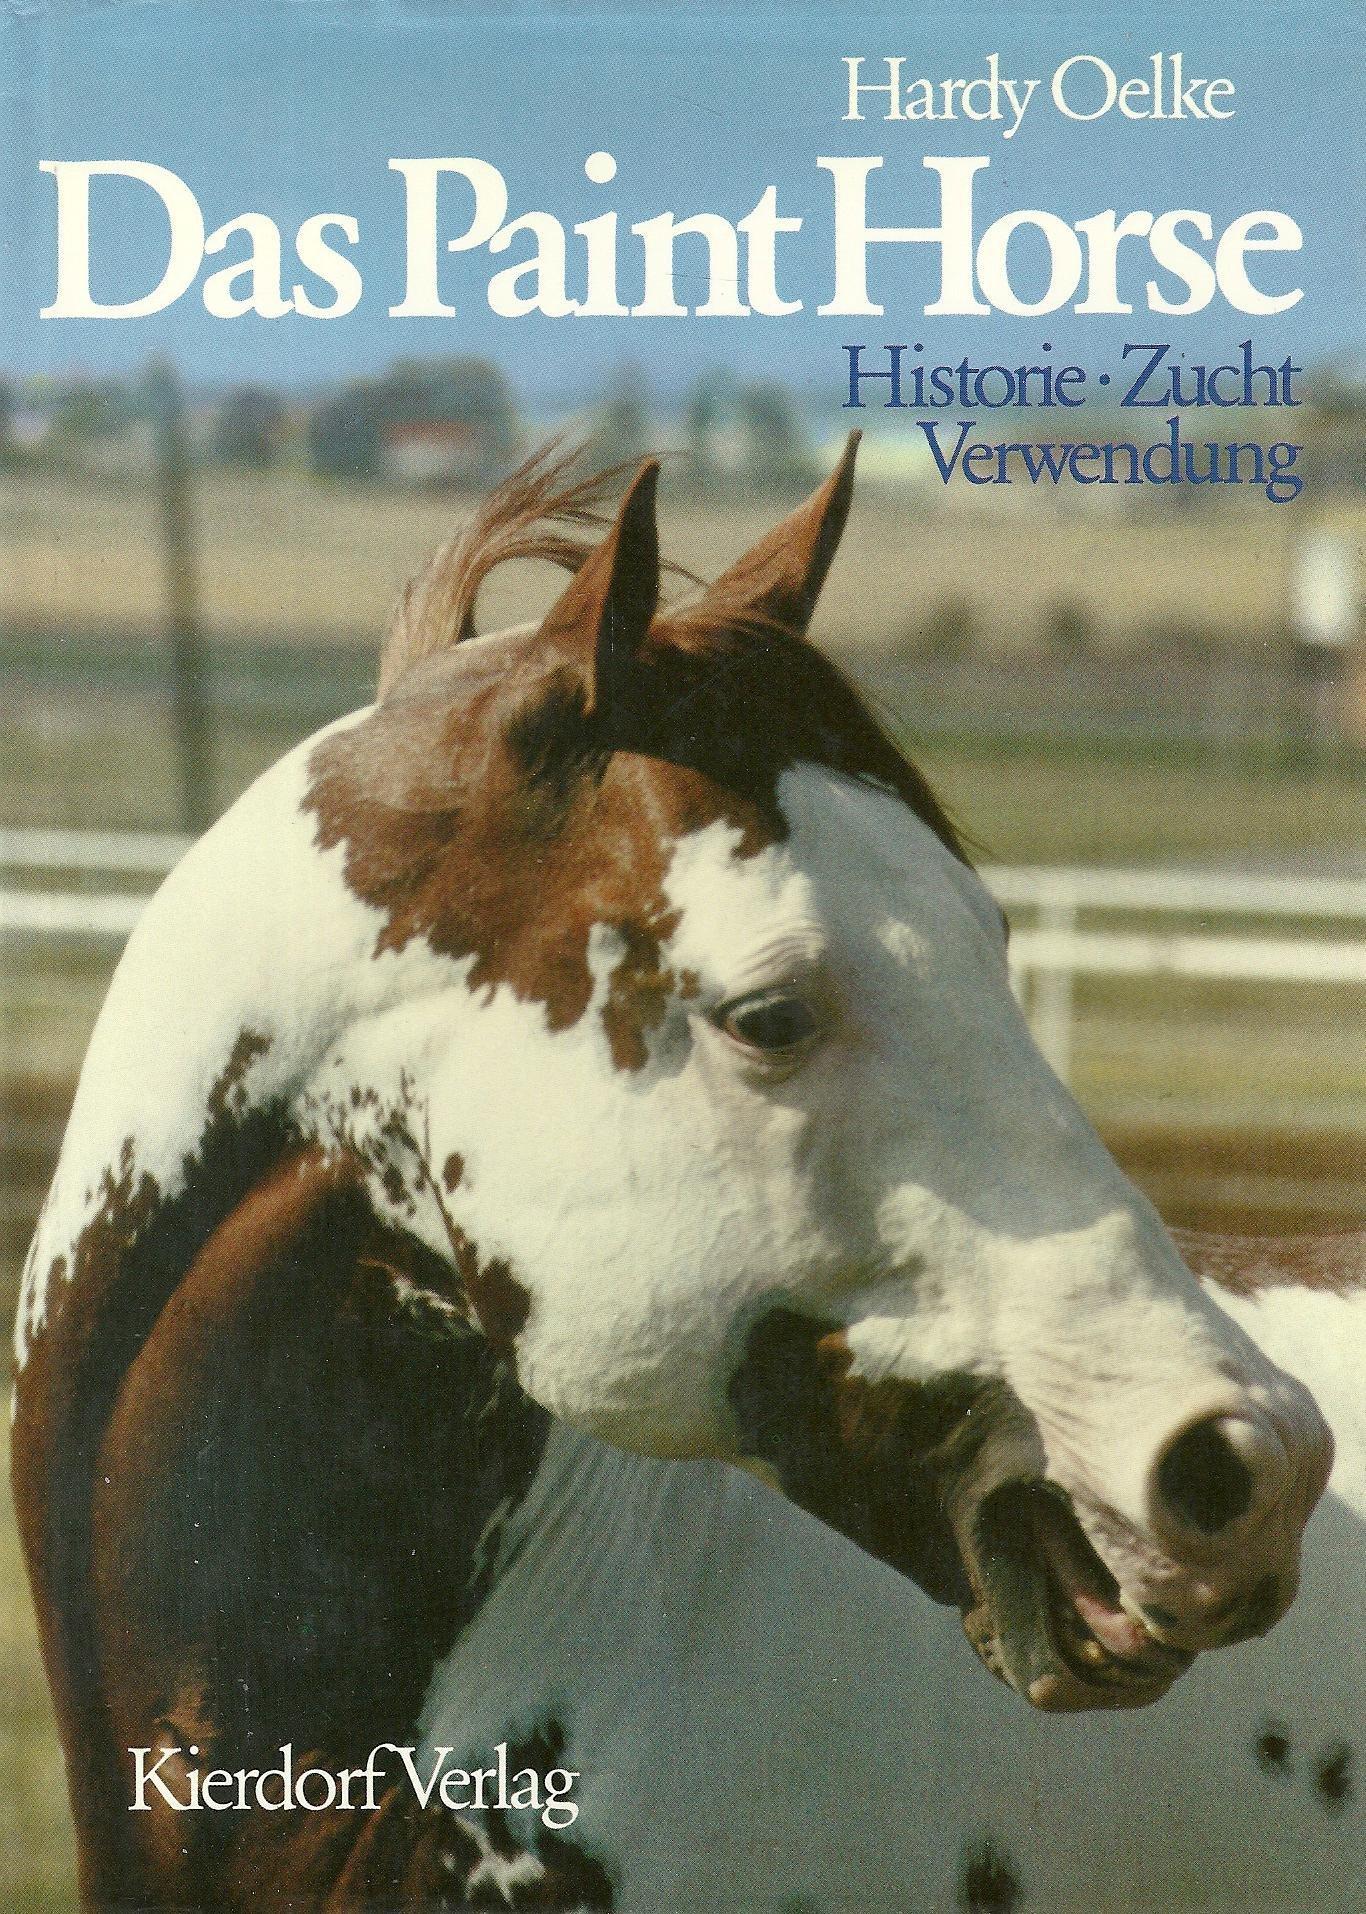 Das Paint Horse: Historie, Zucht, Verwendung